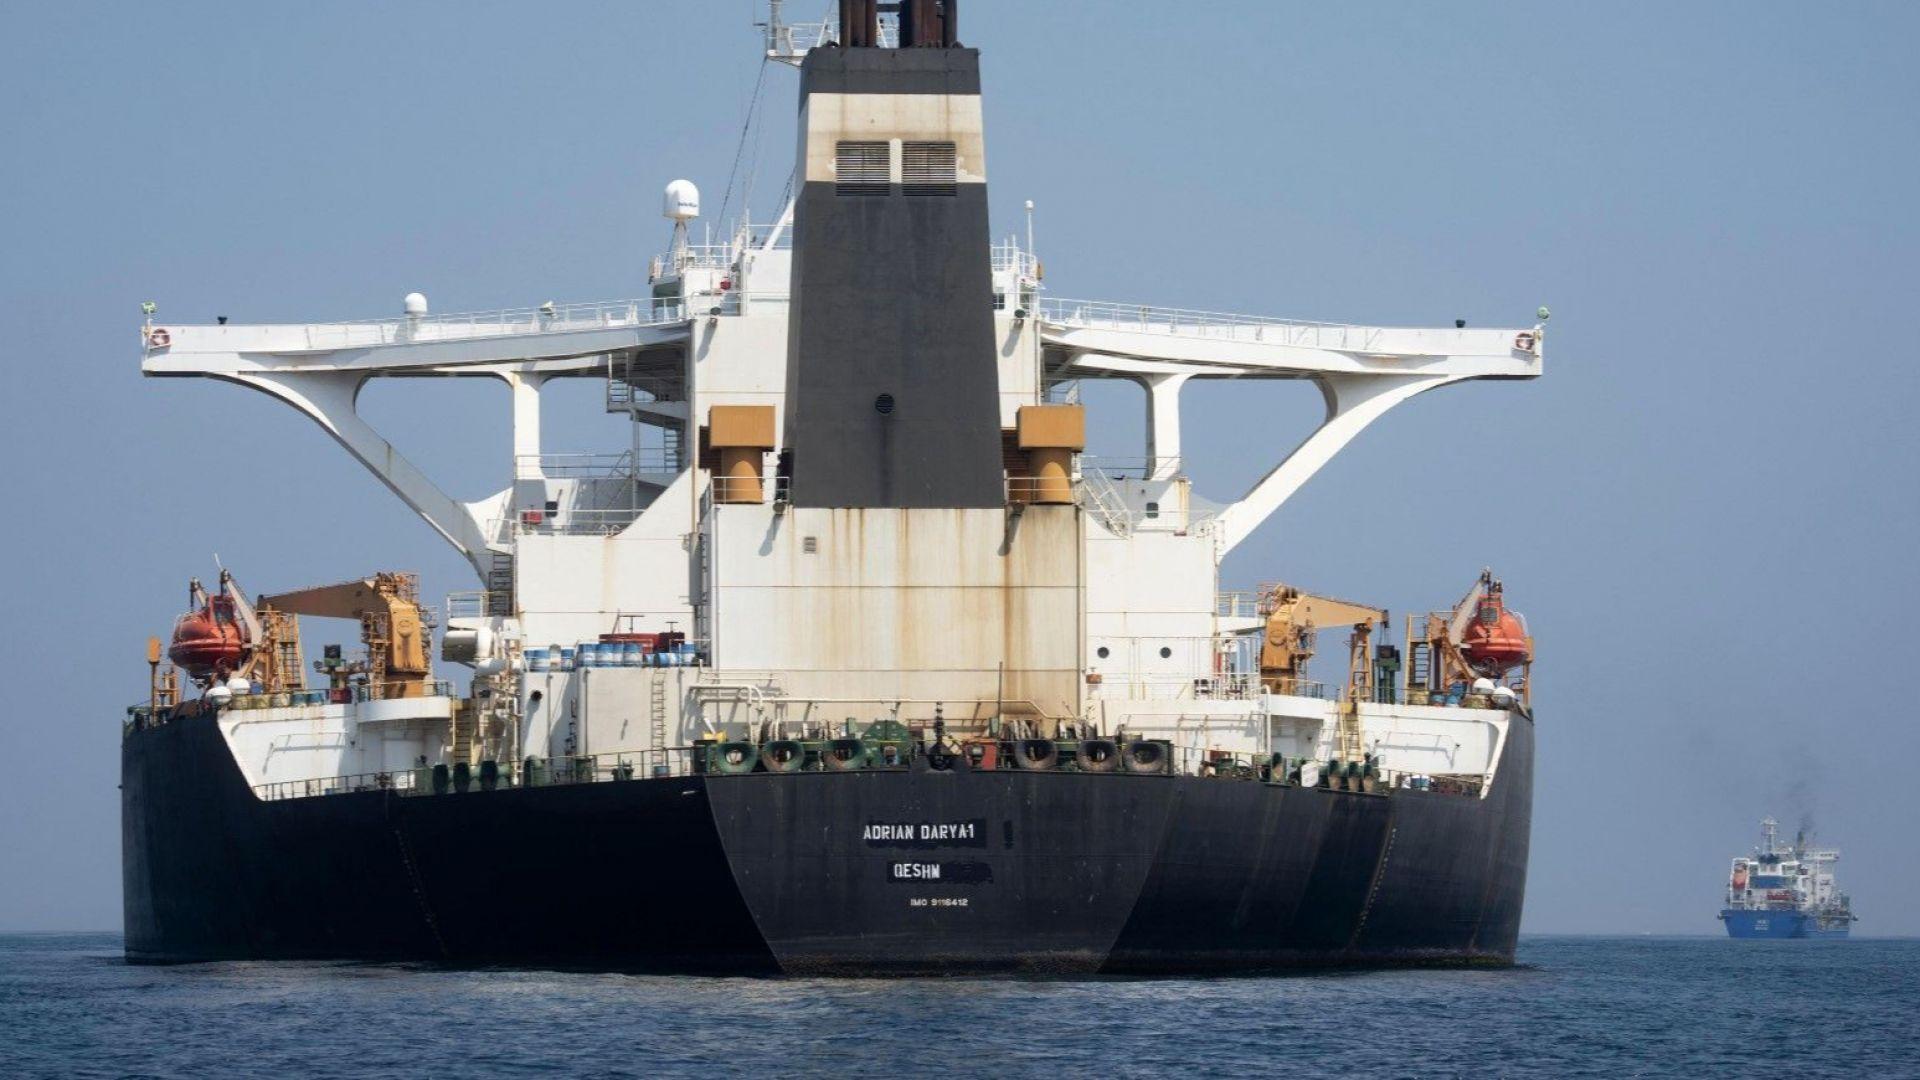 САЩ наложиха днес санкции срещу голяма мрежа от фирми, кораби